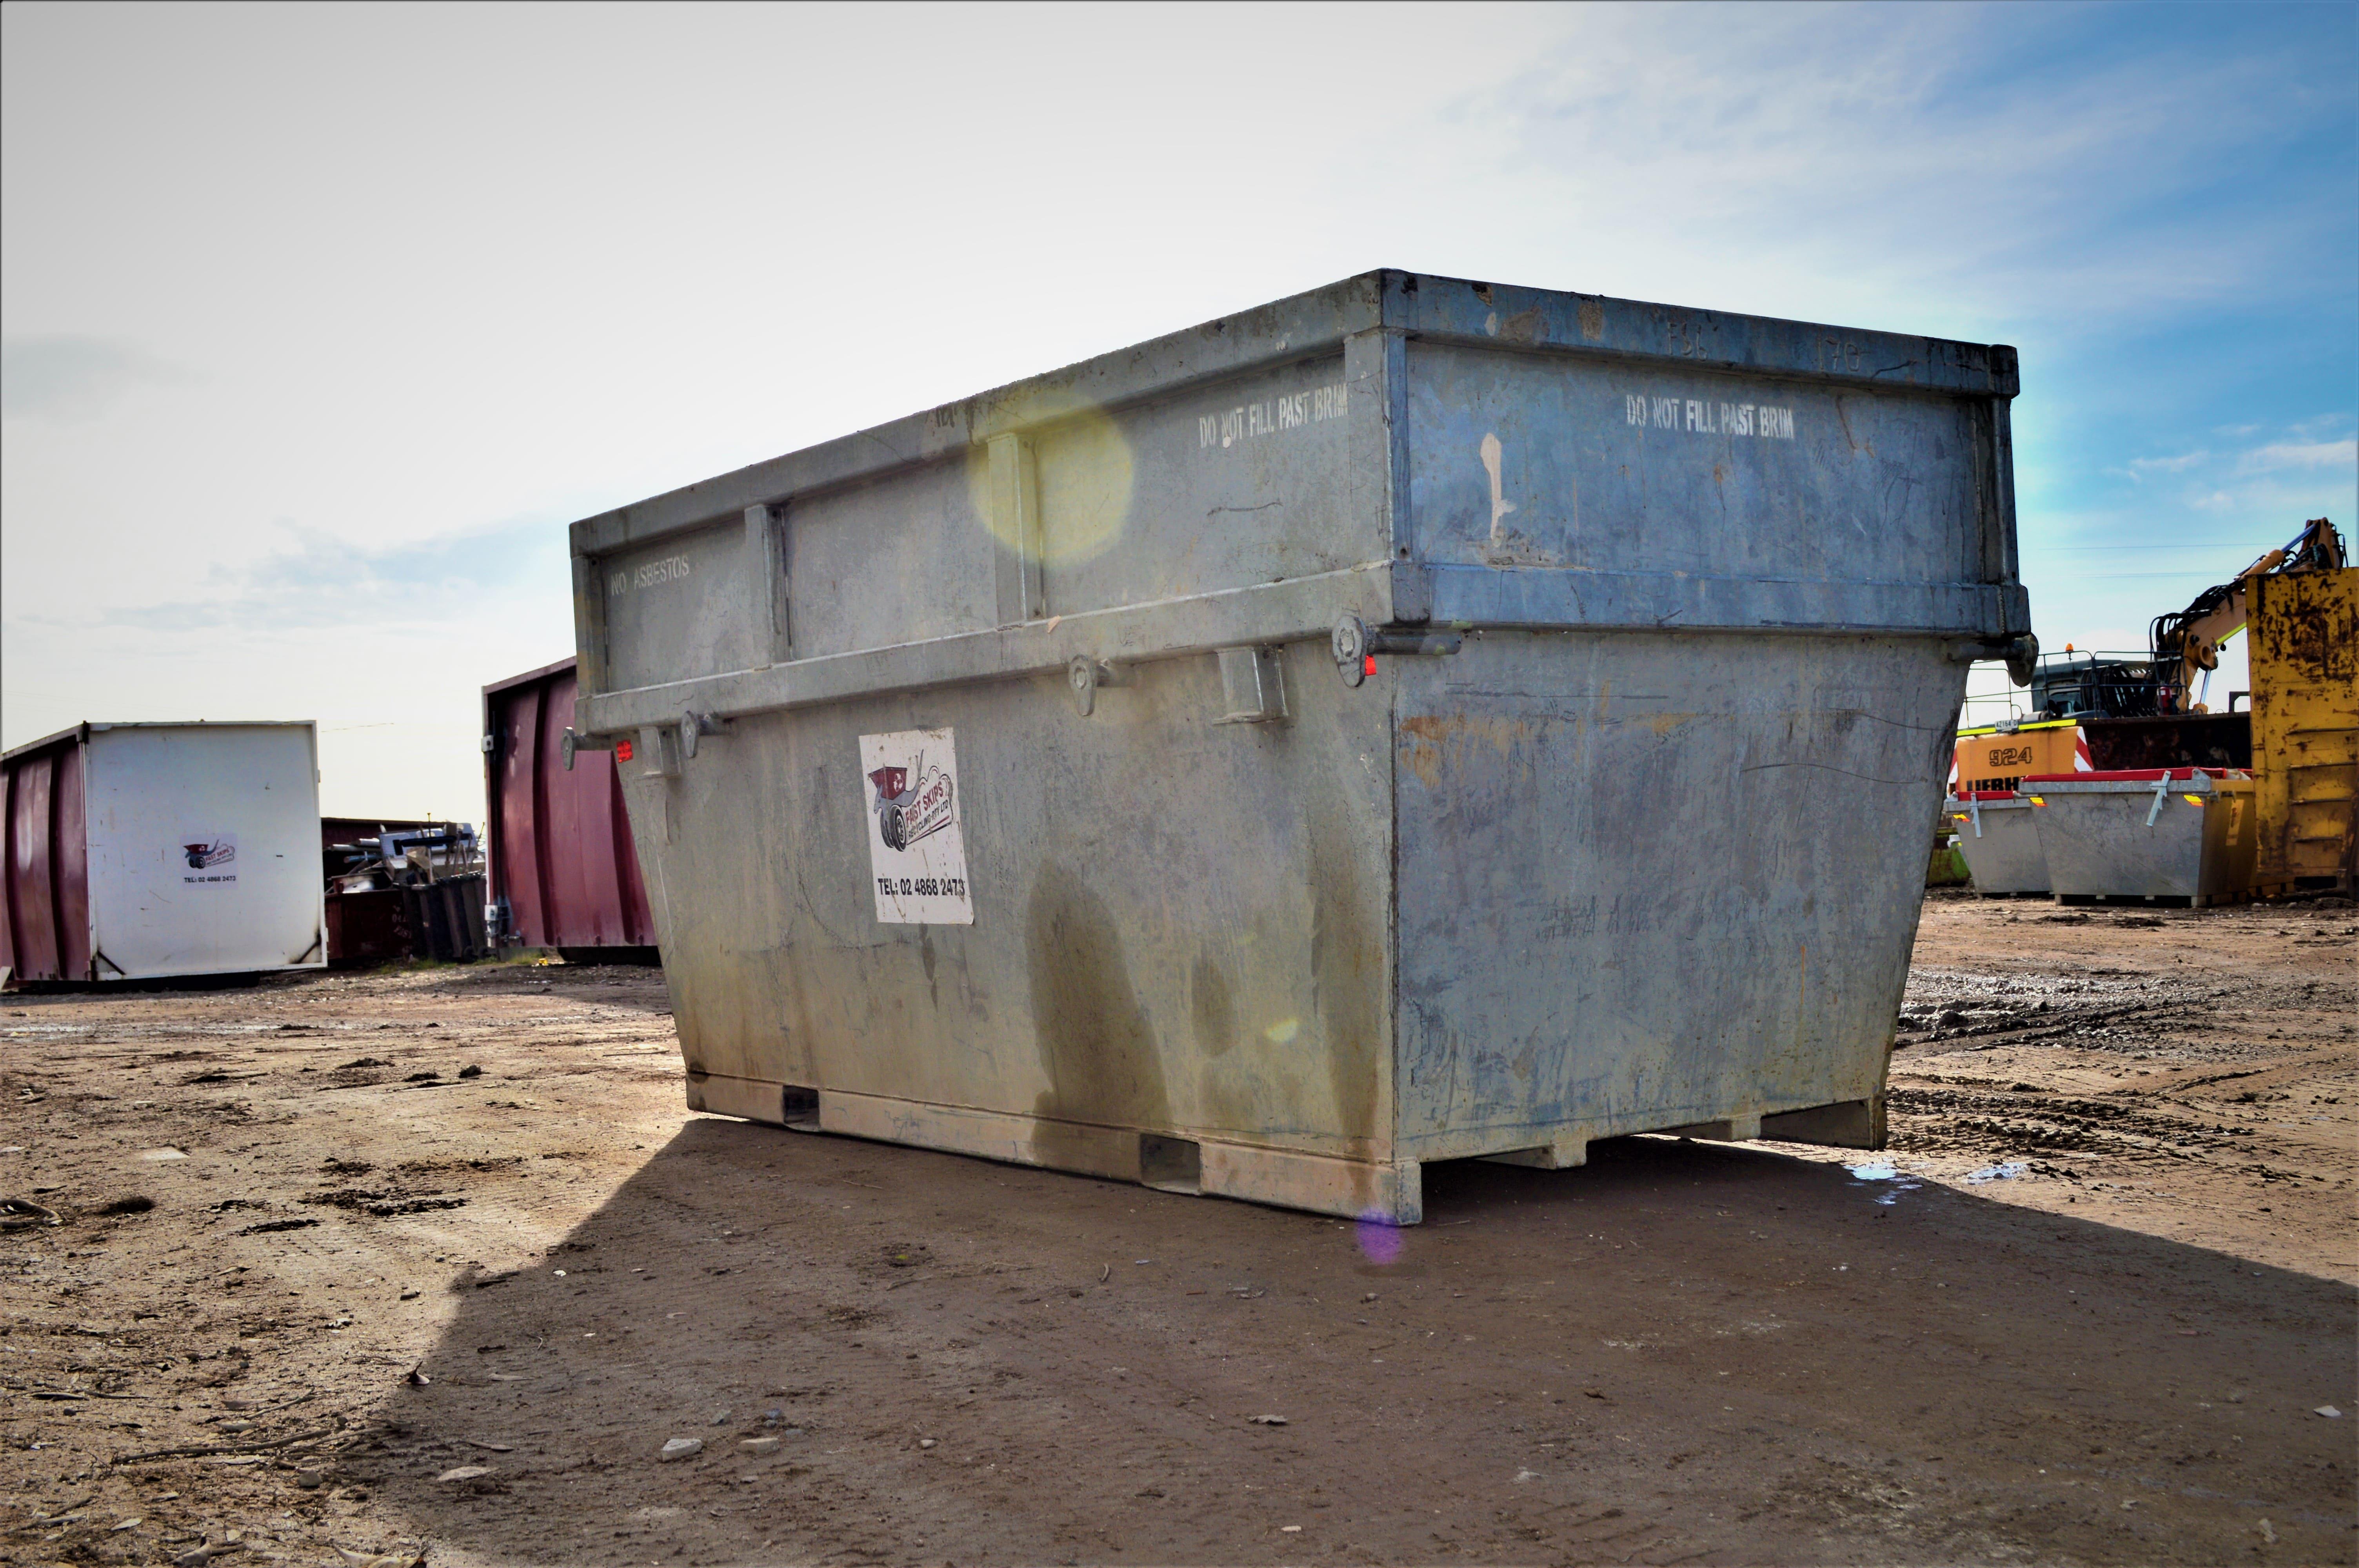 Large skip bin